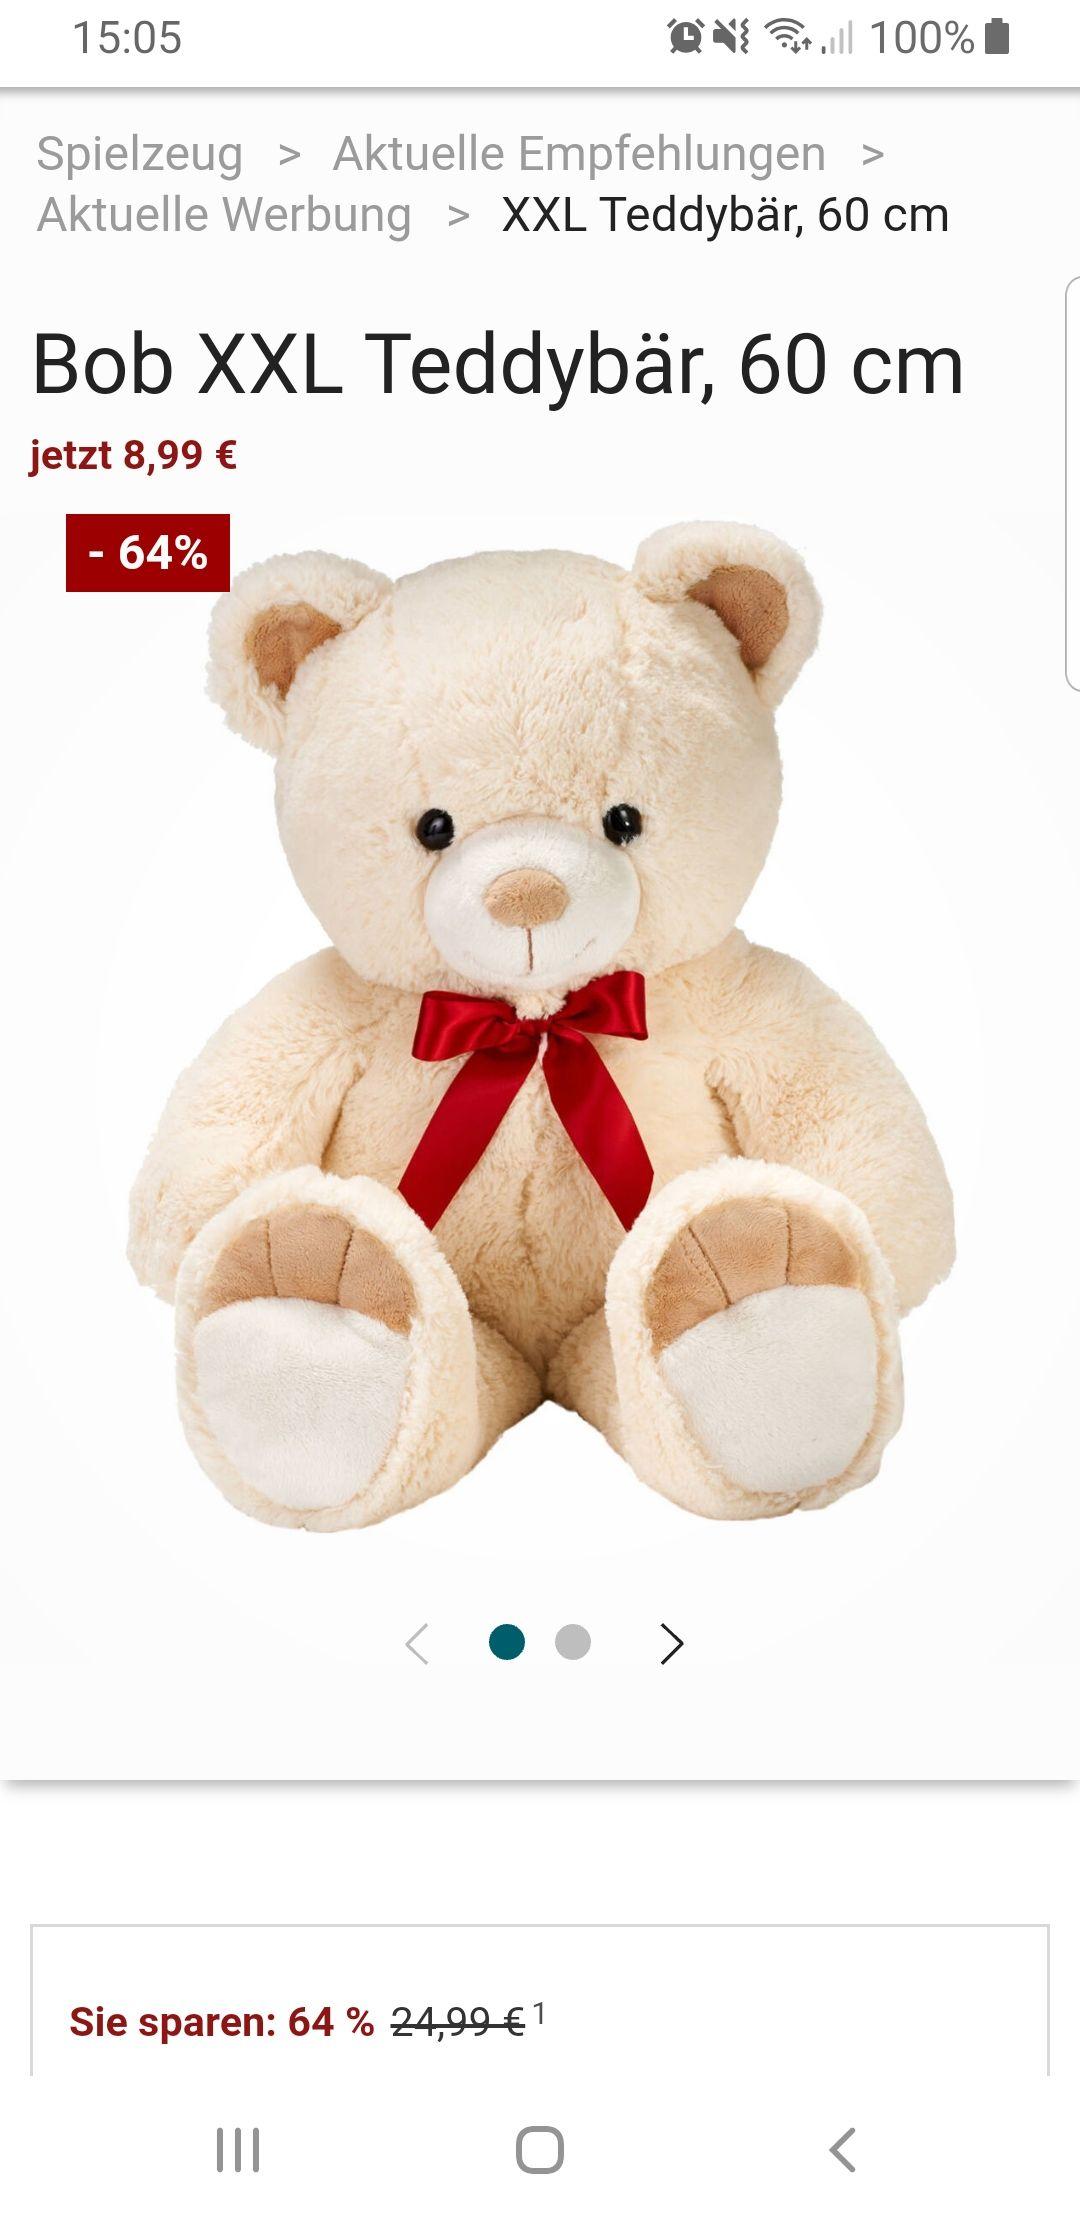 XXL Teddybär 60cm 8,99€